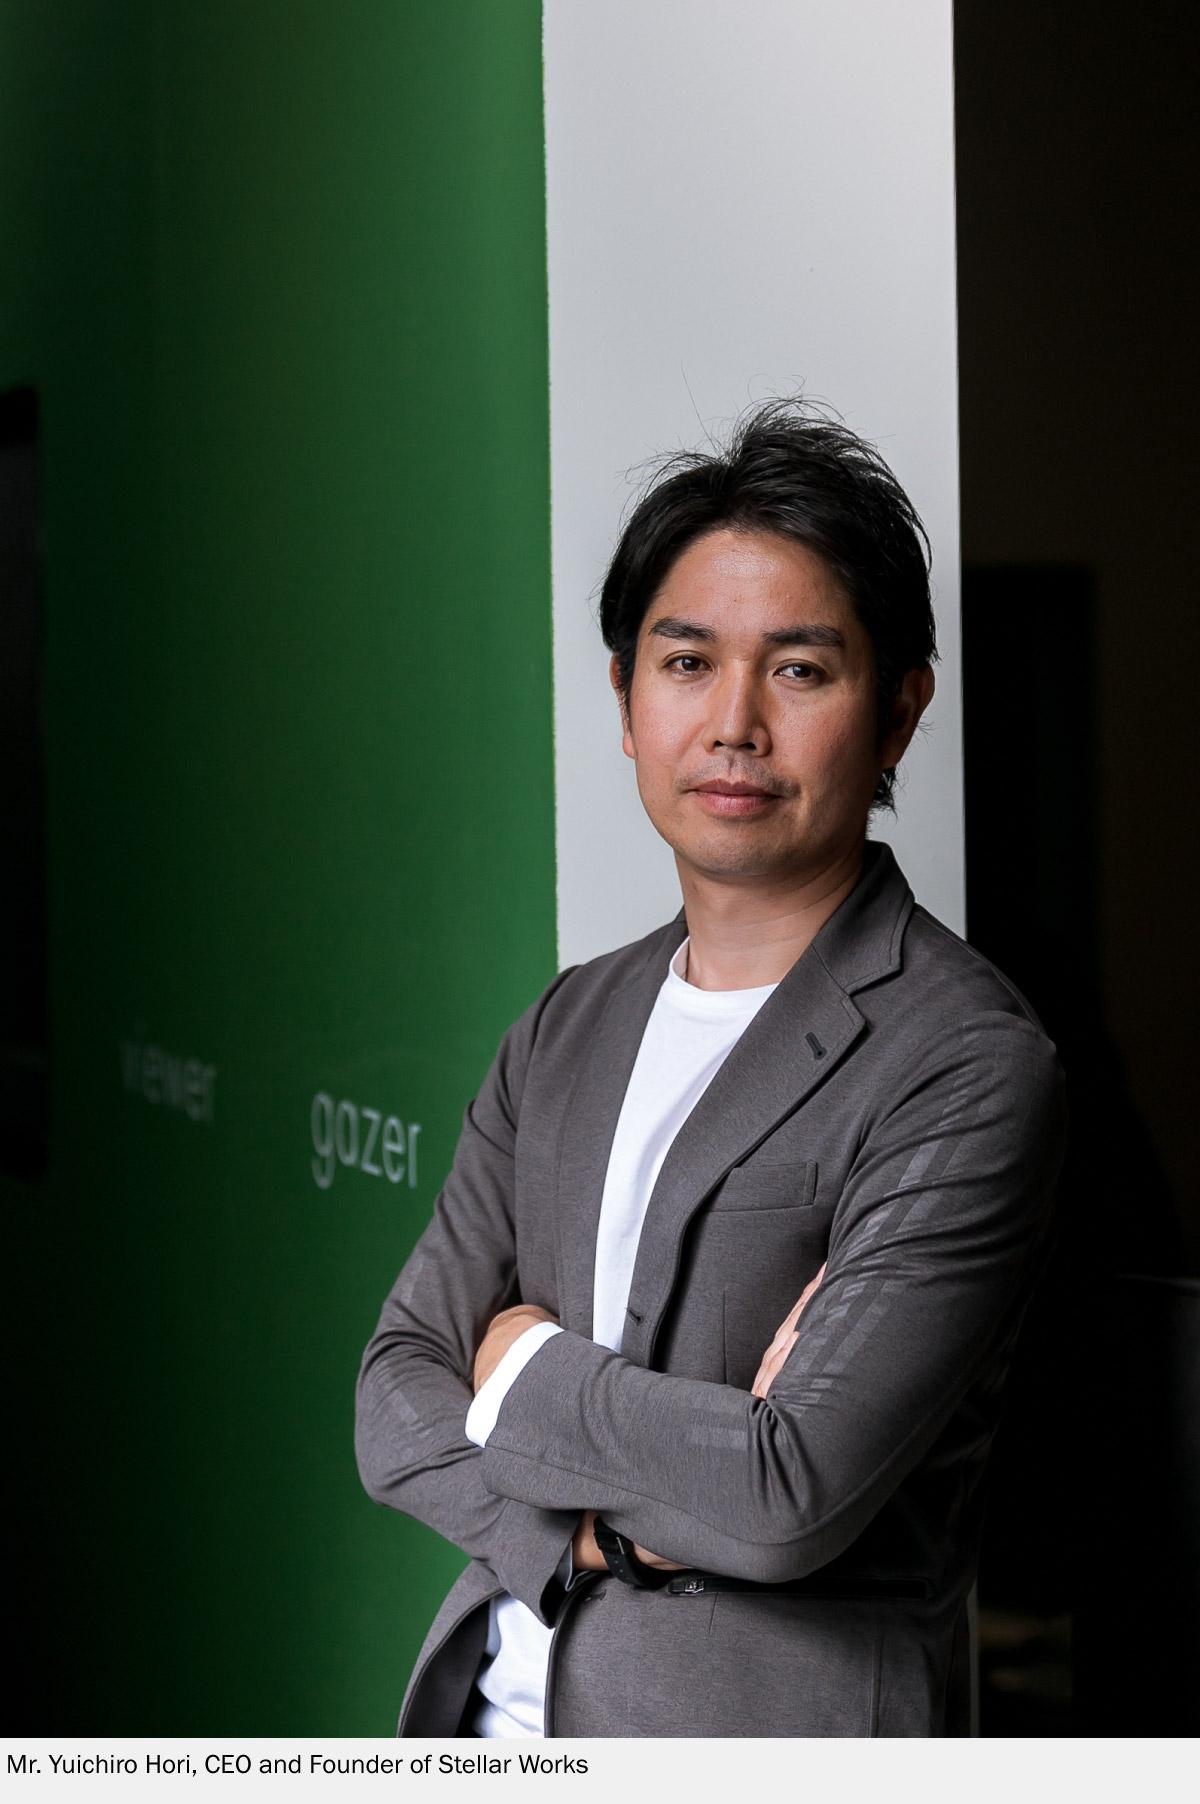 Mr Yuichiro Hori